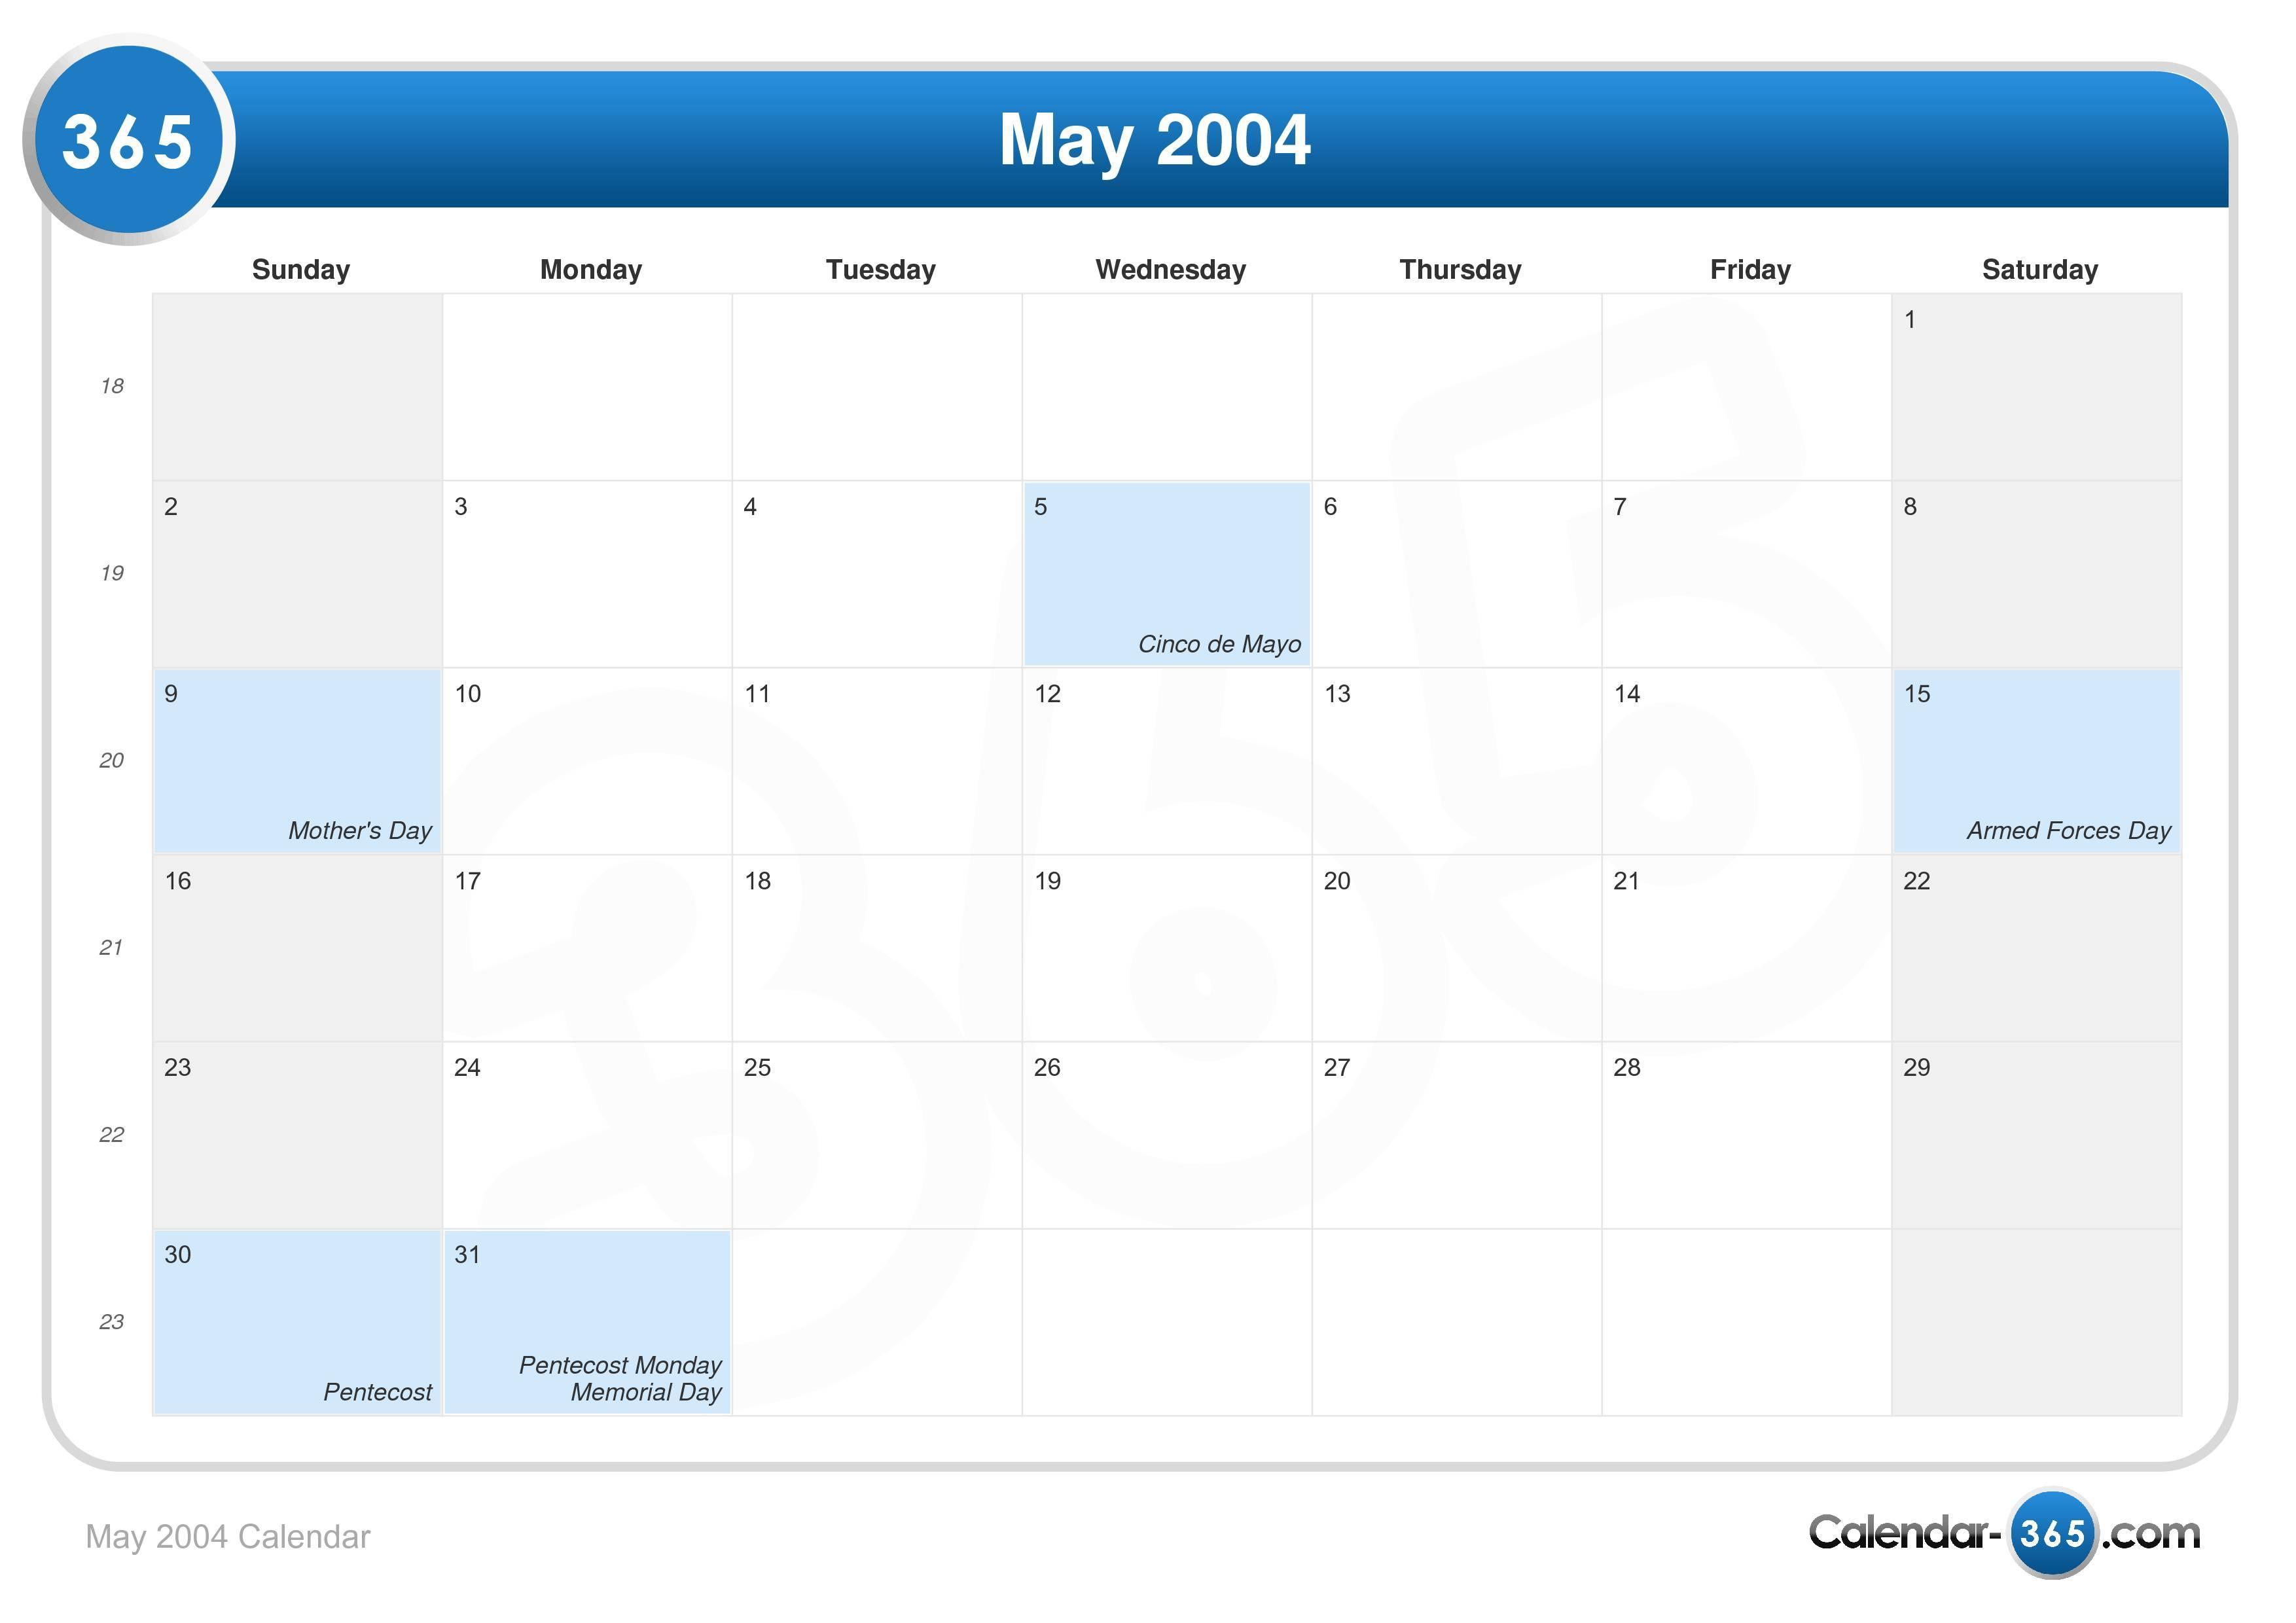 May 2004 Calendar